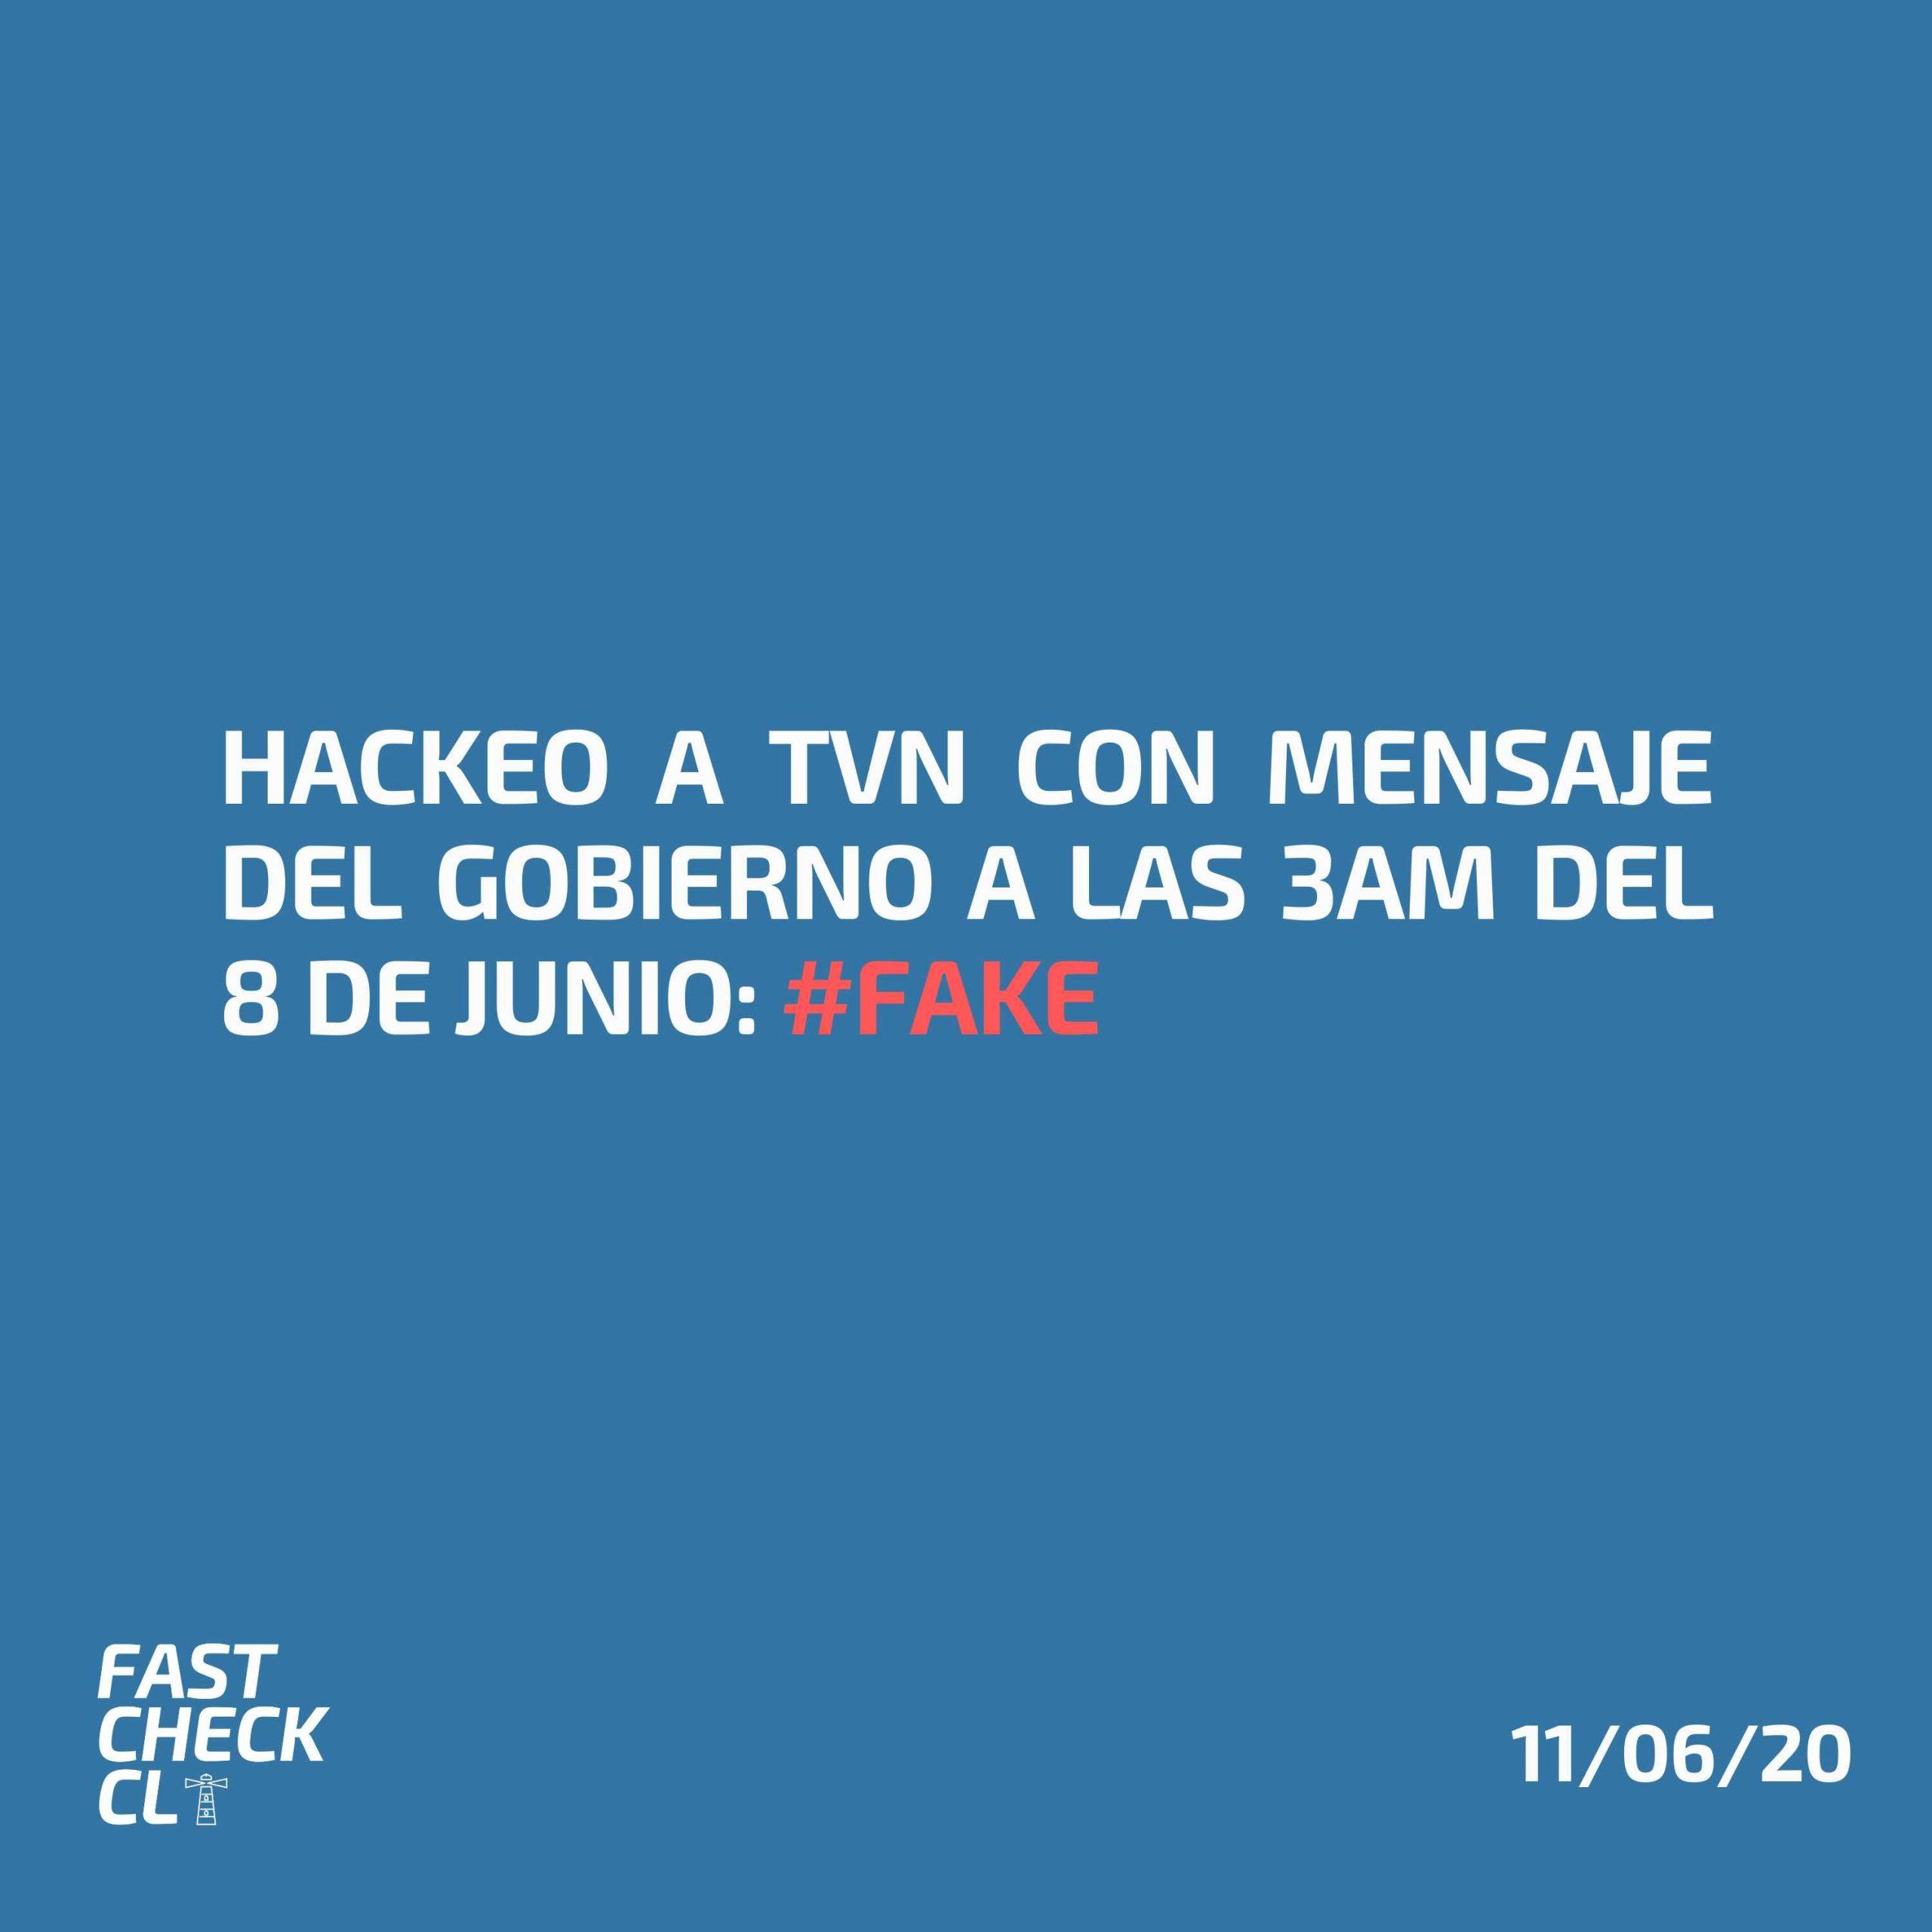 Read more about the article Hackeo a TVN con mensaje del gobierno a las 3am del 8 de junio: #Fake